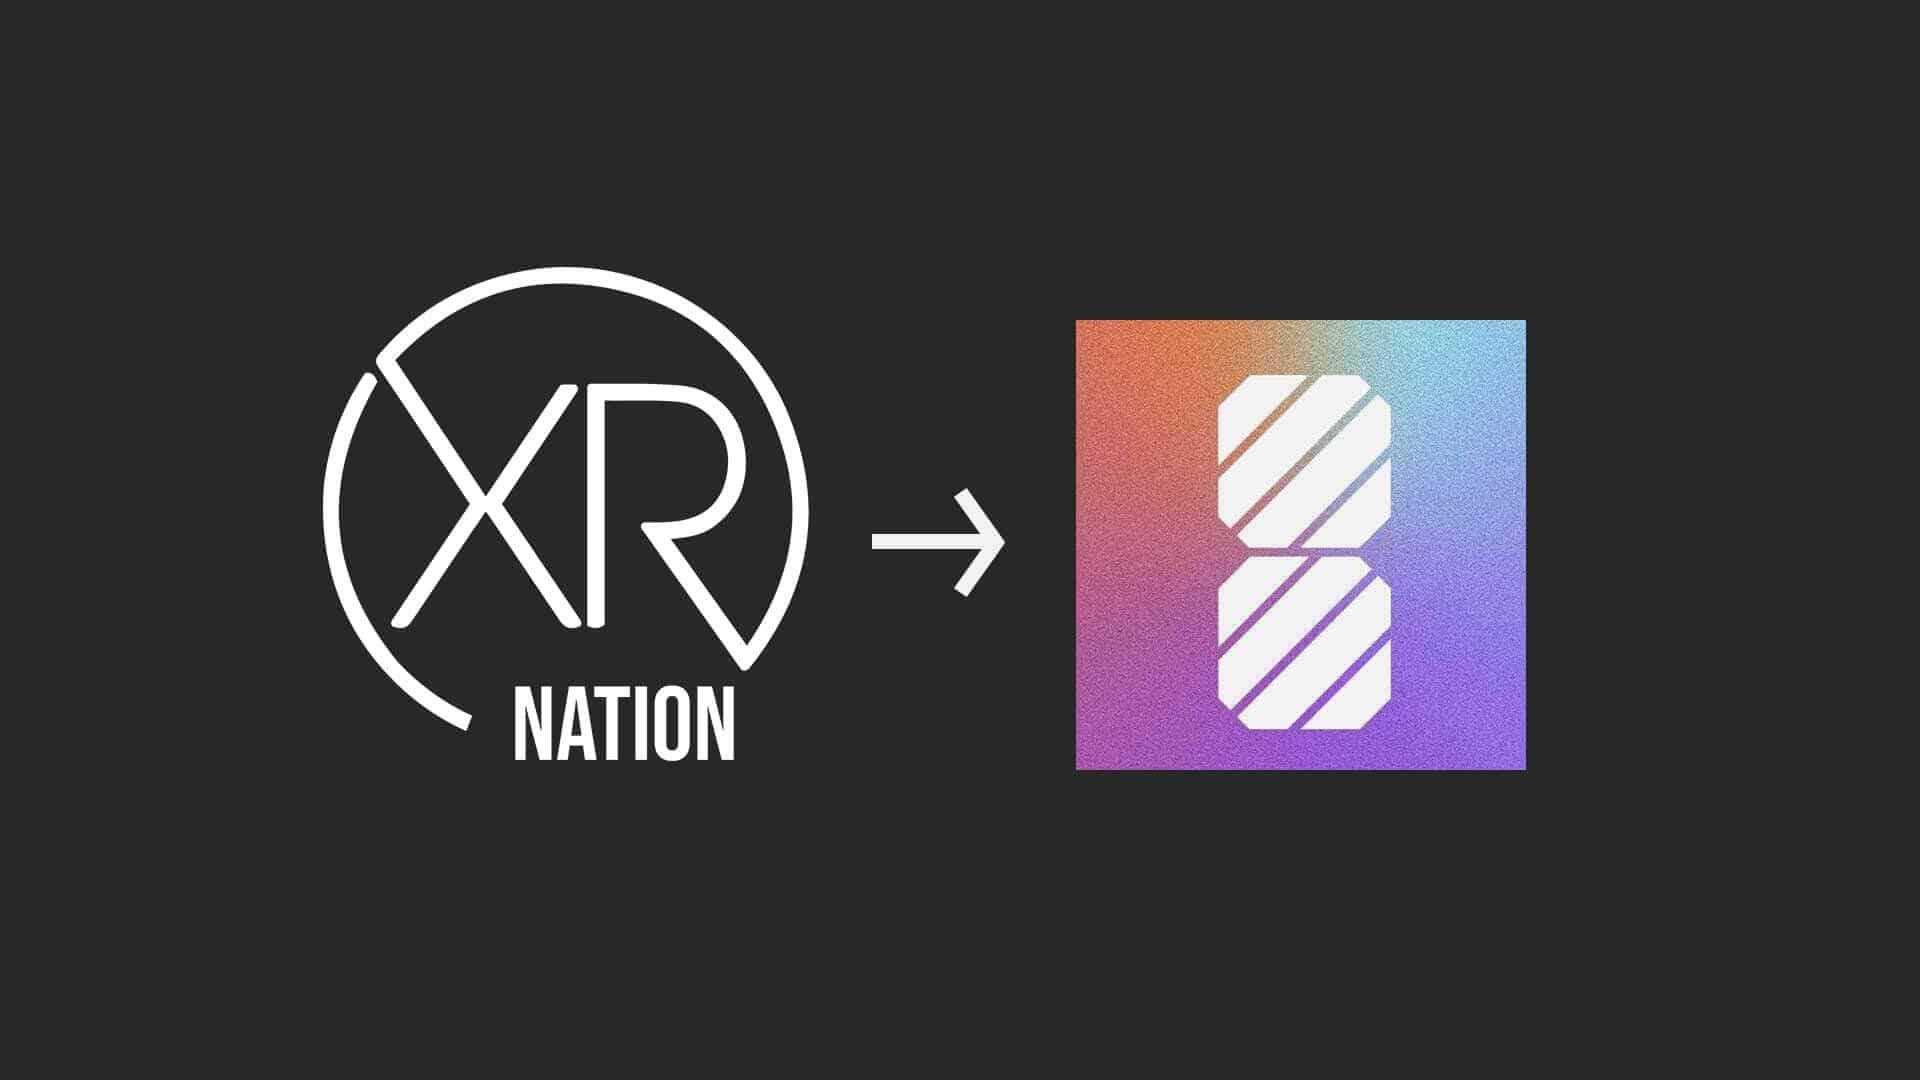 nr nation logo change